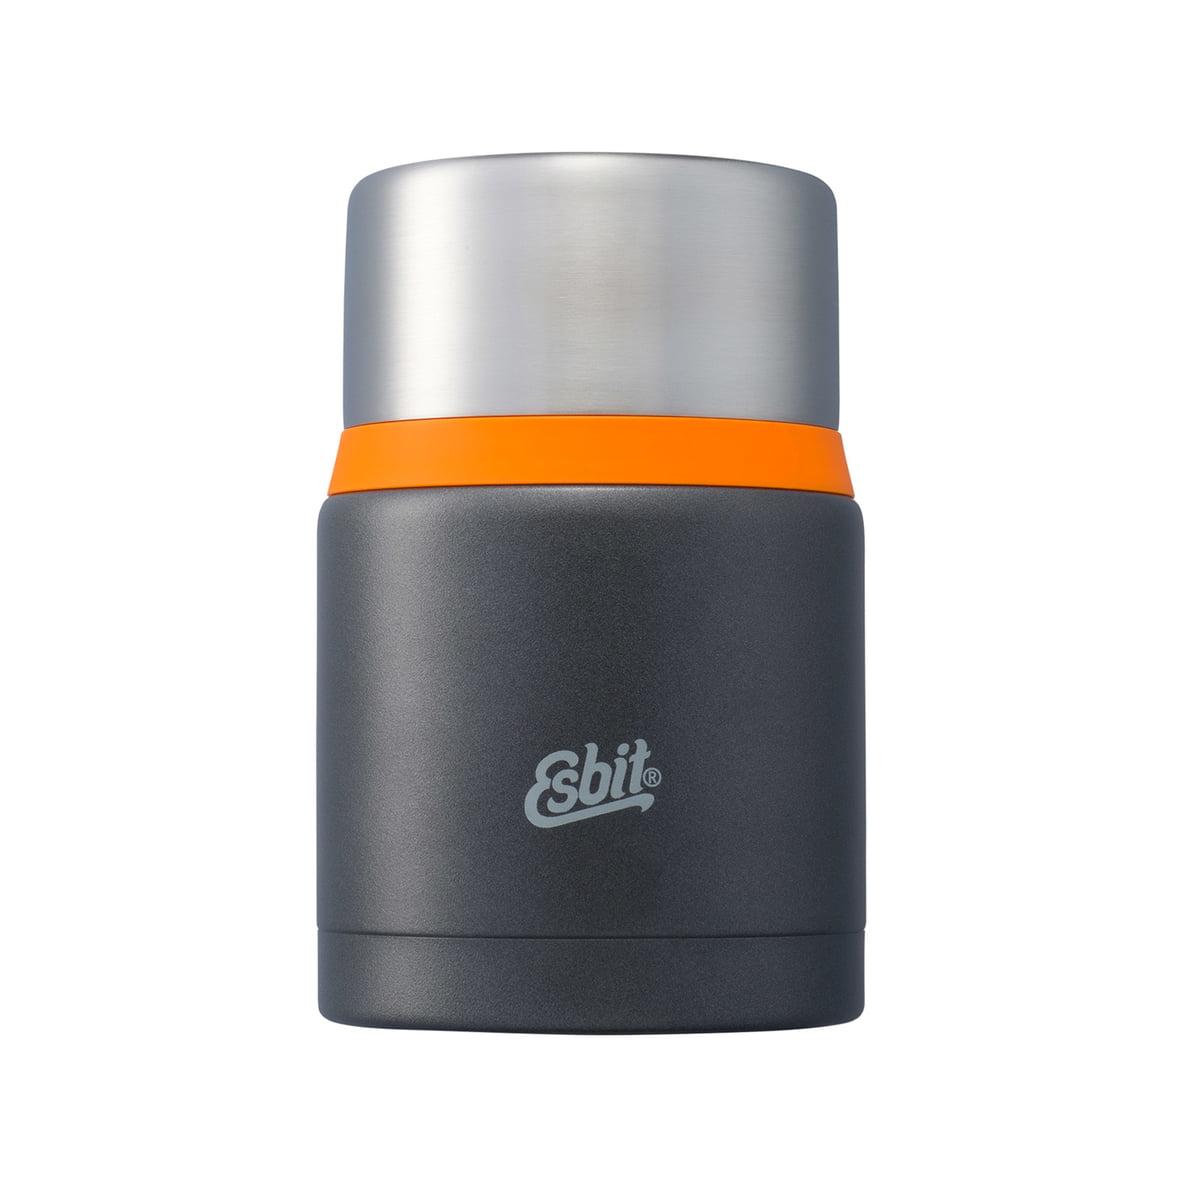 Esbit - Thermobehälter \´´Food\´´´´, 750 ml, dunkelgrau / orange´´ | Küche und Esszimmer > Aufbewahrung > Vorratsdosen | Schwarz | Edelstahl | Esbit